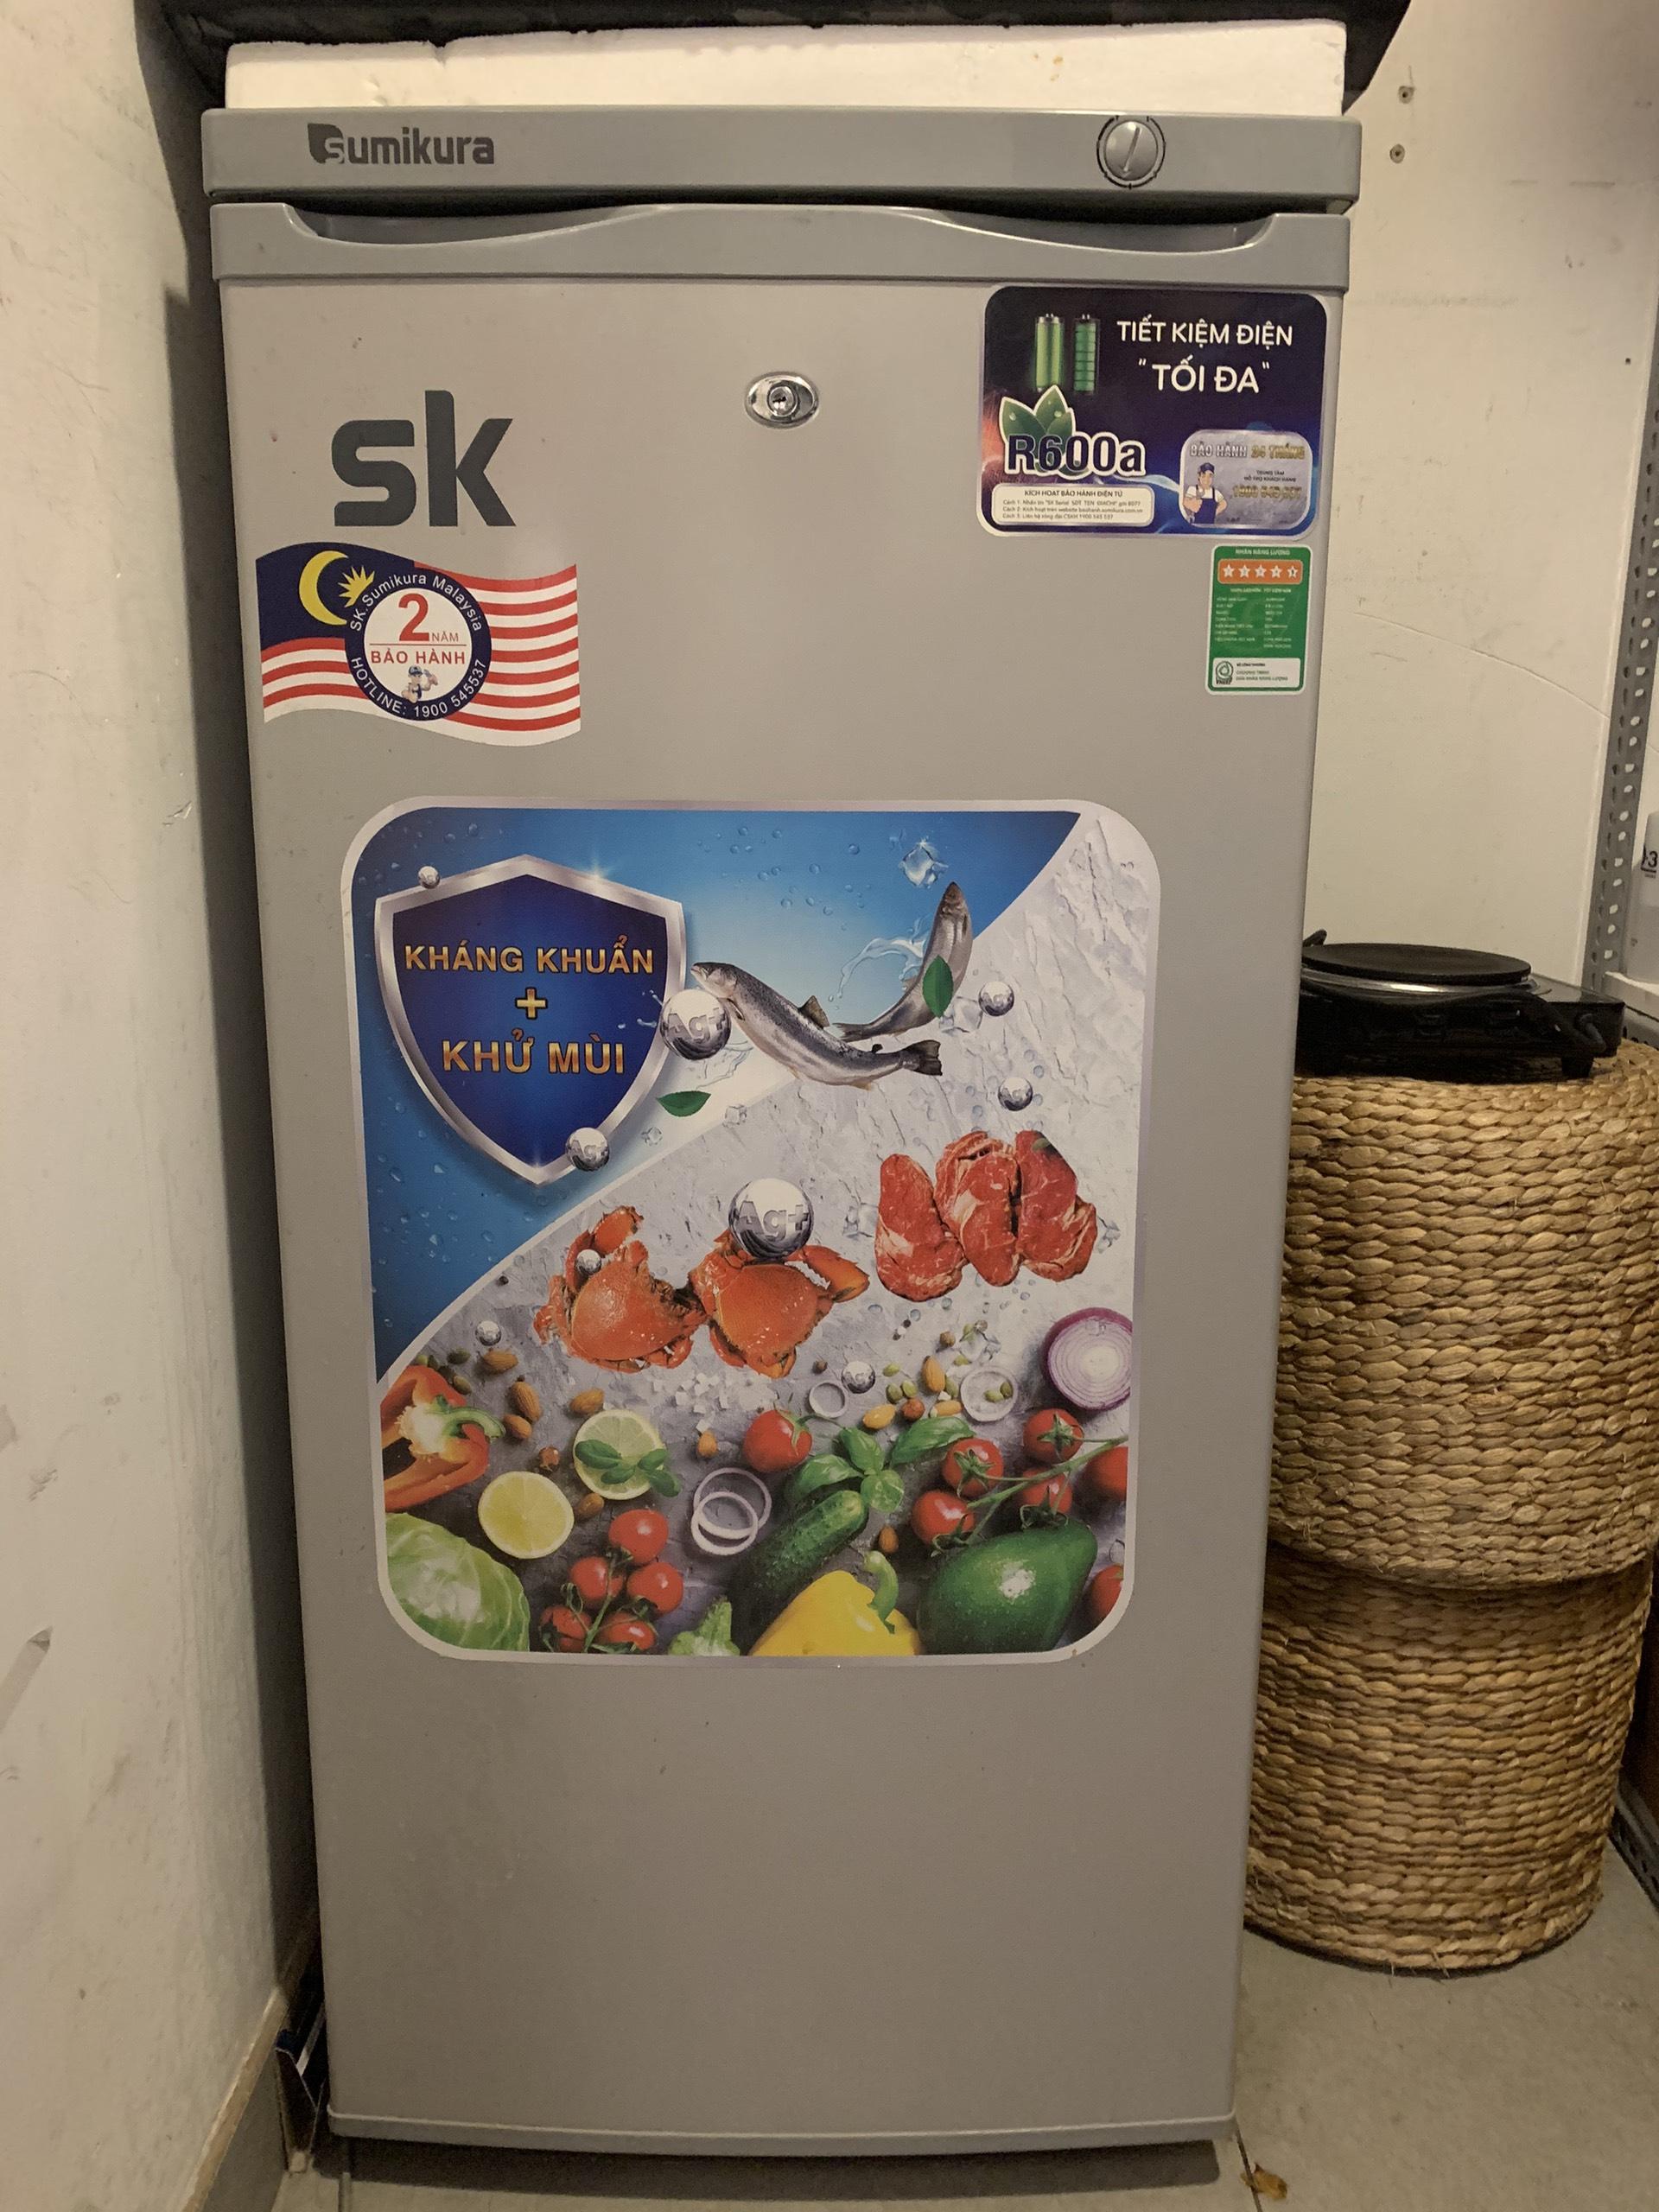 Thanh lý tủ đông đứng SK SP001031